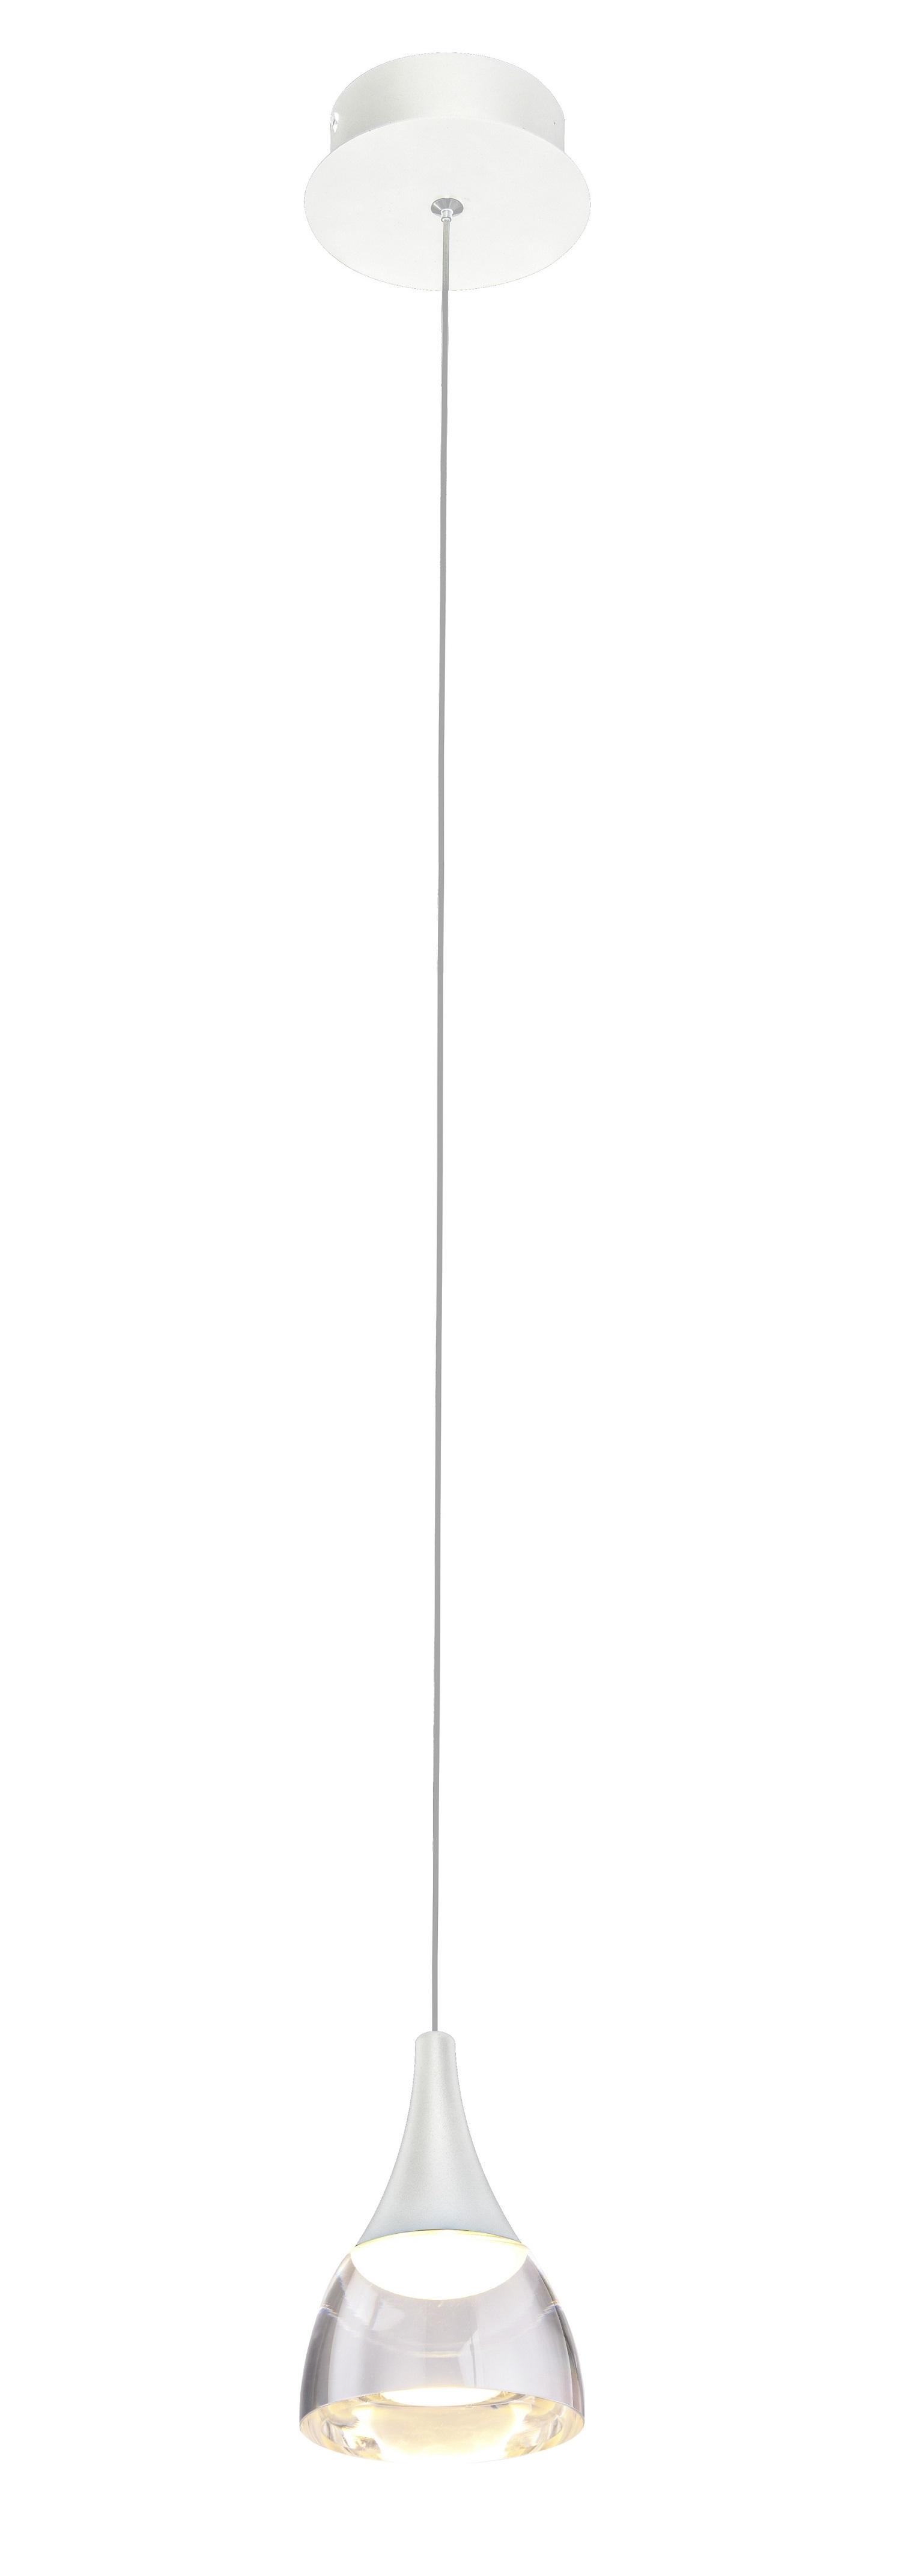 Lustra Dalmatia 1 Alb, AZ2909